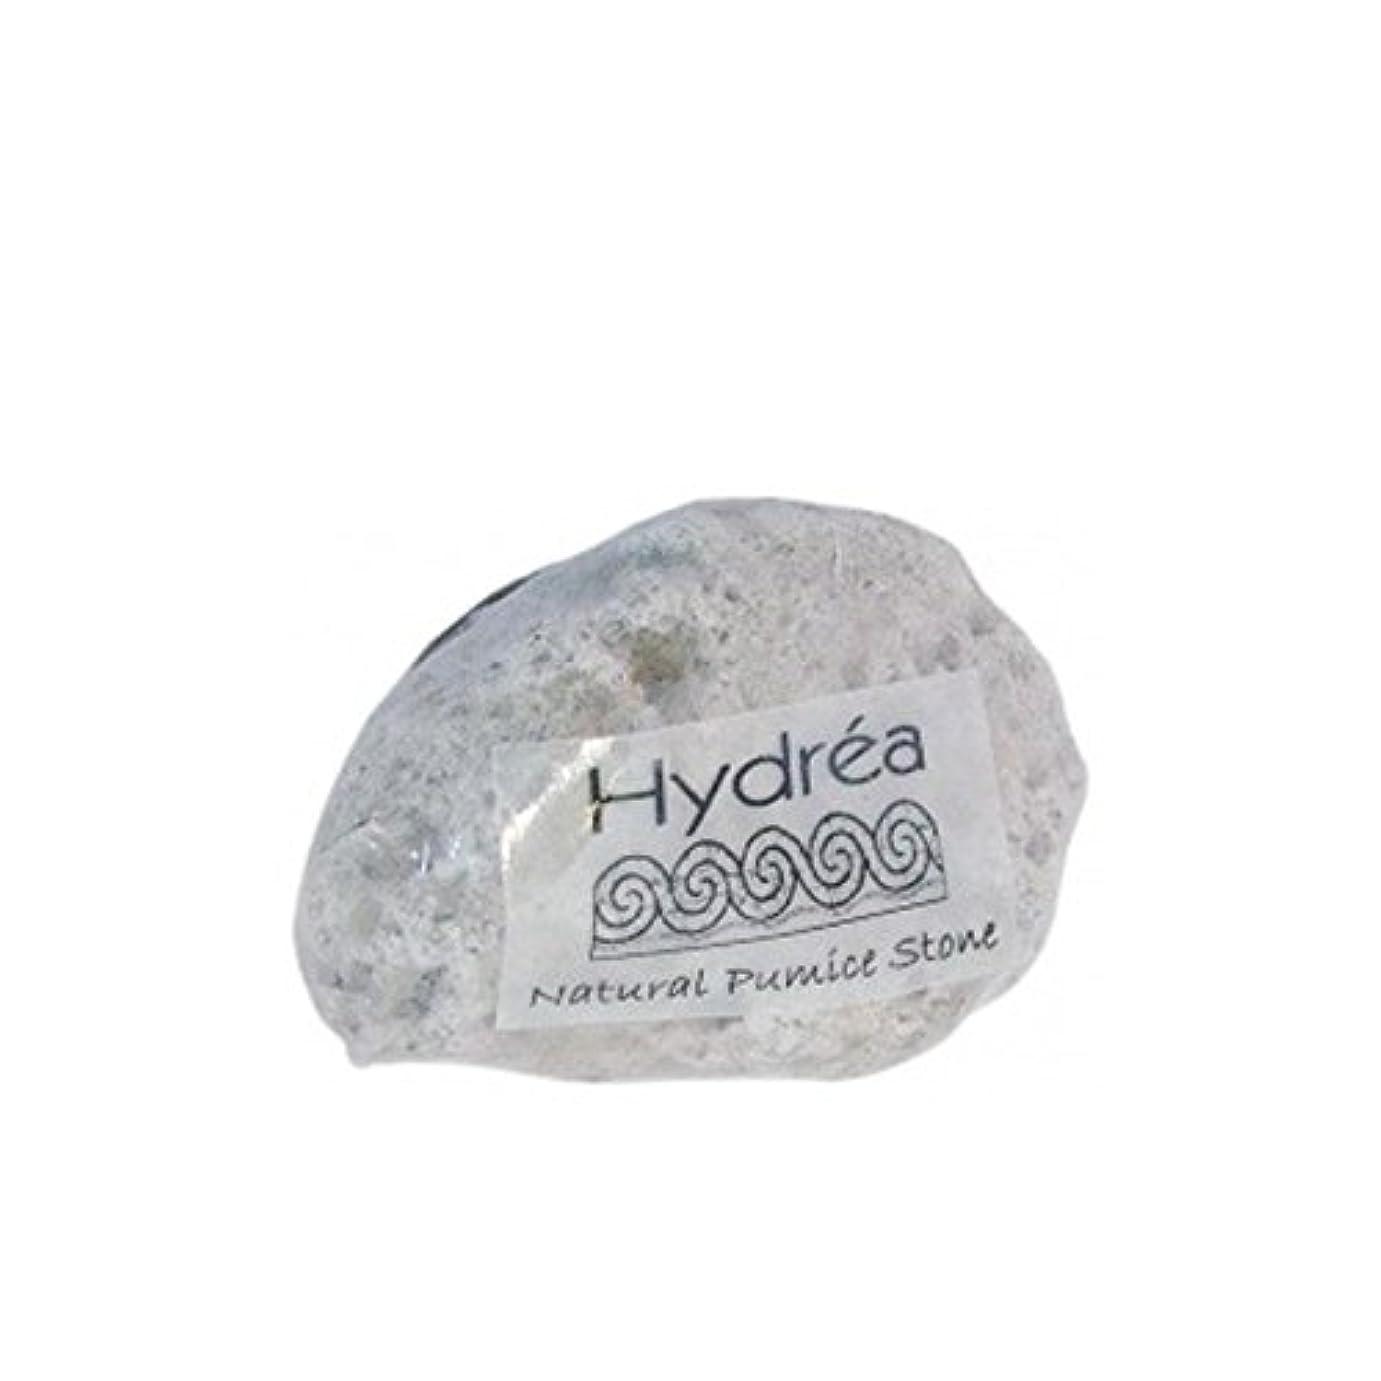 南正確さ違反するハイドレアロンドン - 自然軽石 x2 - Hydrea London - Natural Pumice Stone (Pack of 2) [並行輸入品]